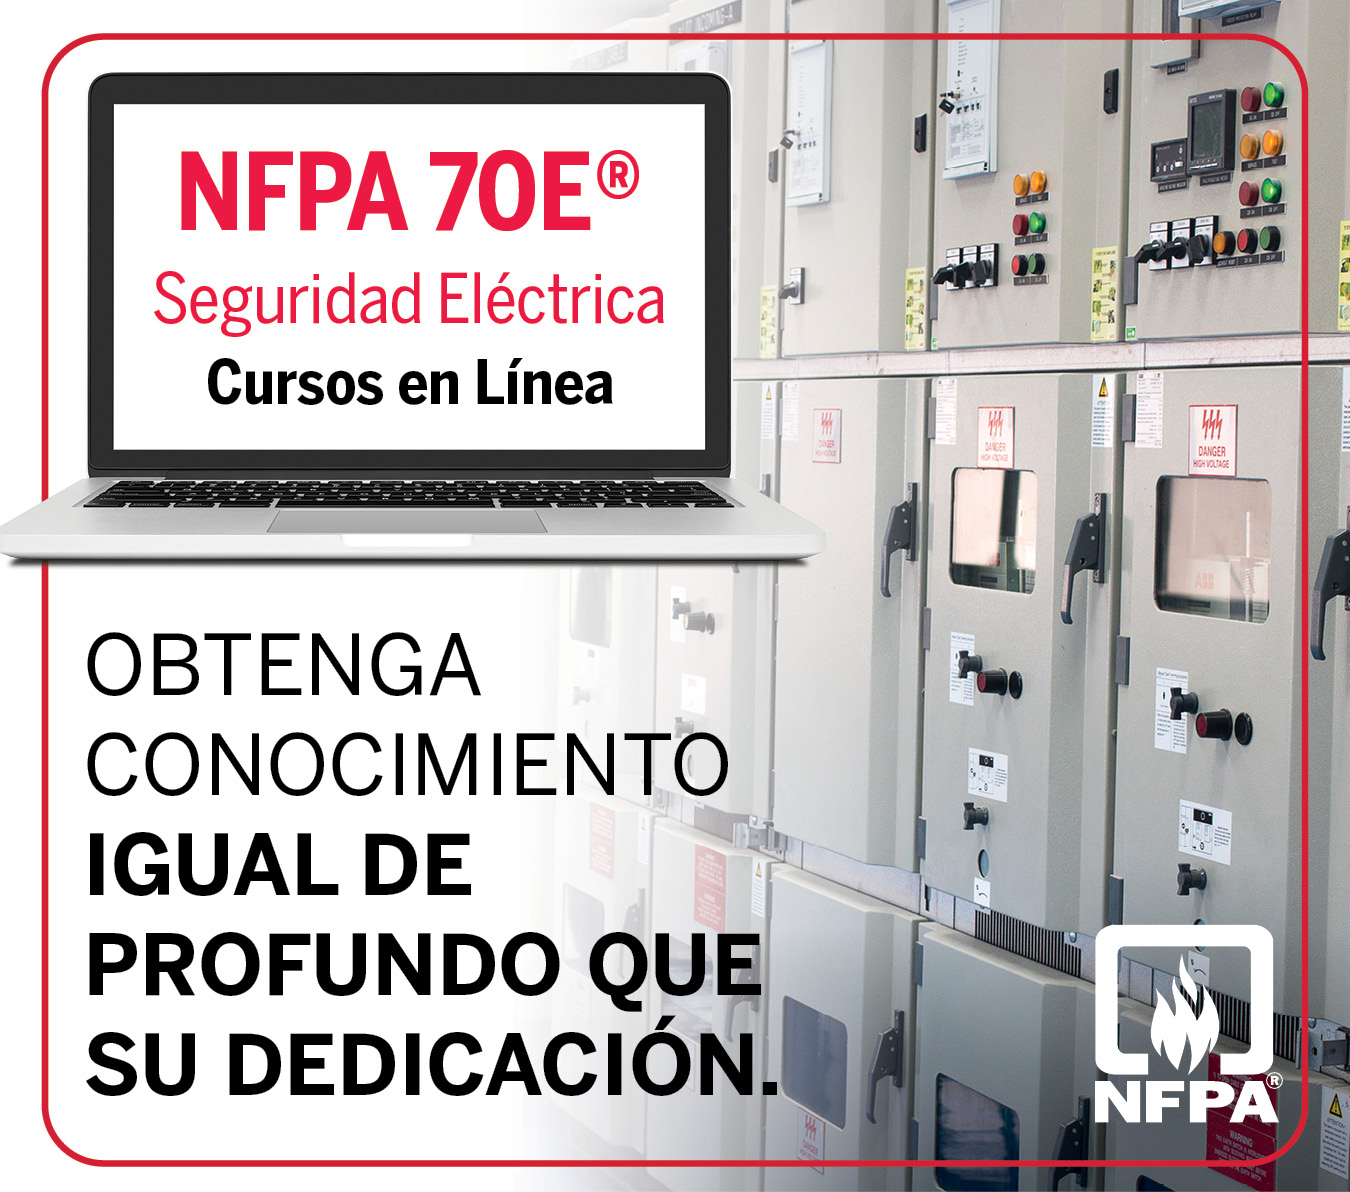 NFPA 70E: Curso en Línea de Seguridad Eléctrica